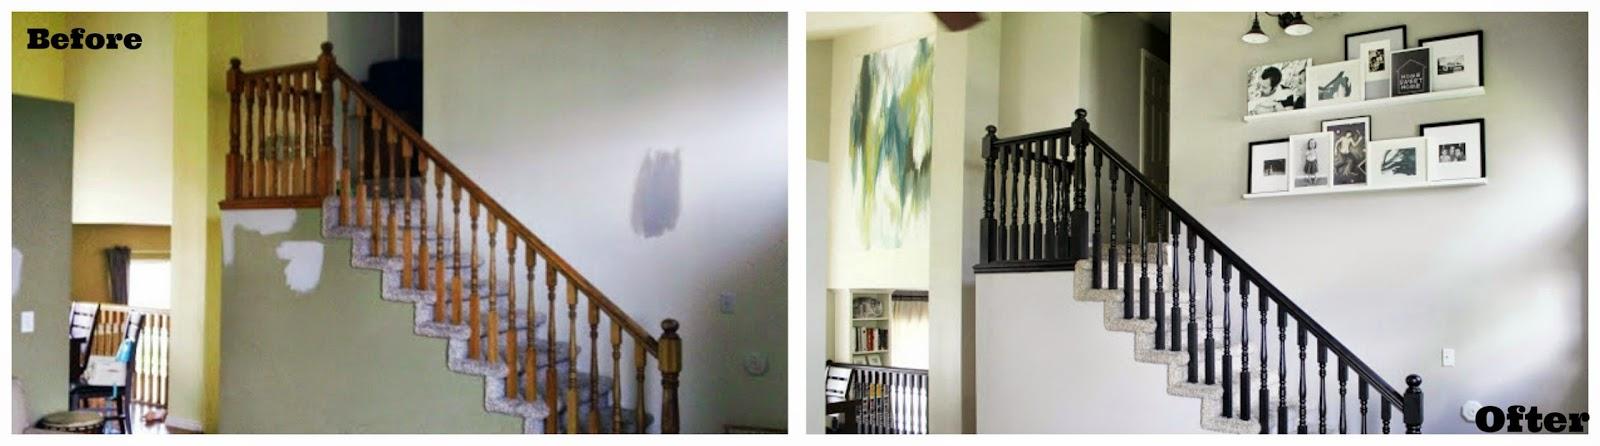 2 ideas para renovar tu casa thecoolfashiion for Ideas para renovar tu casa